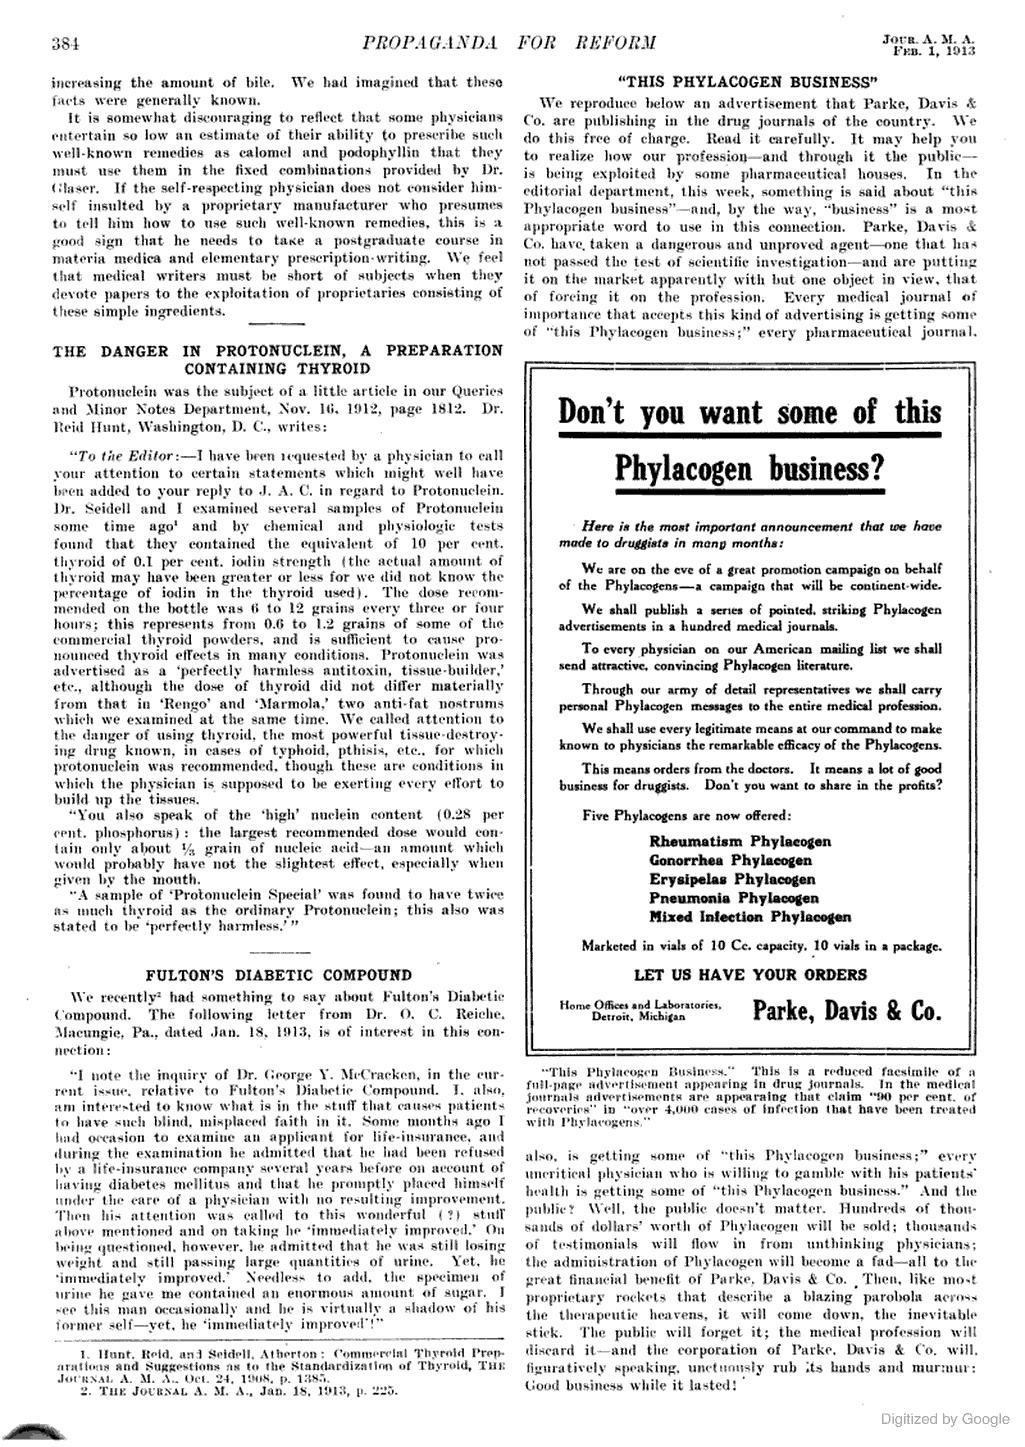 Pfizer - Phalacogn Scam 1913.jpg